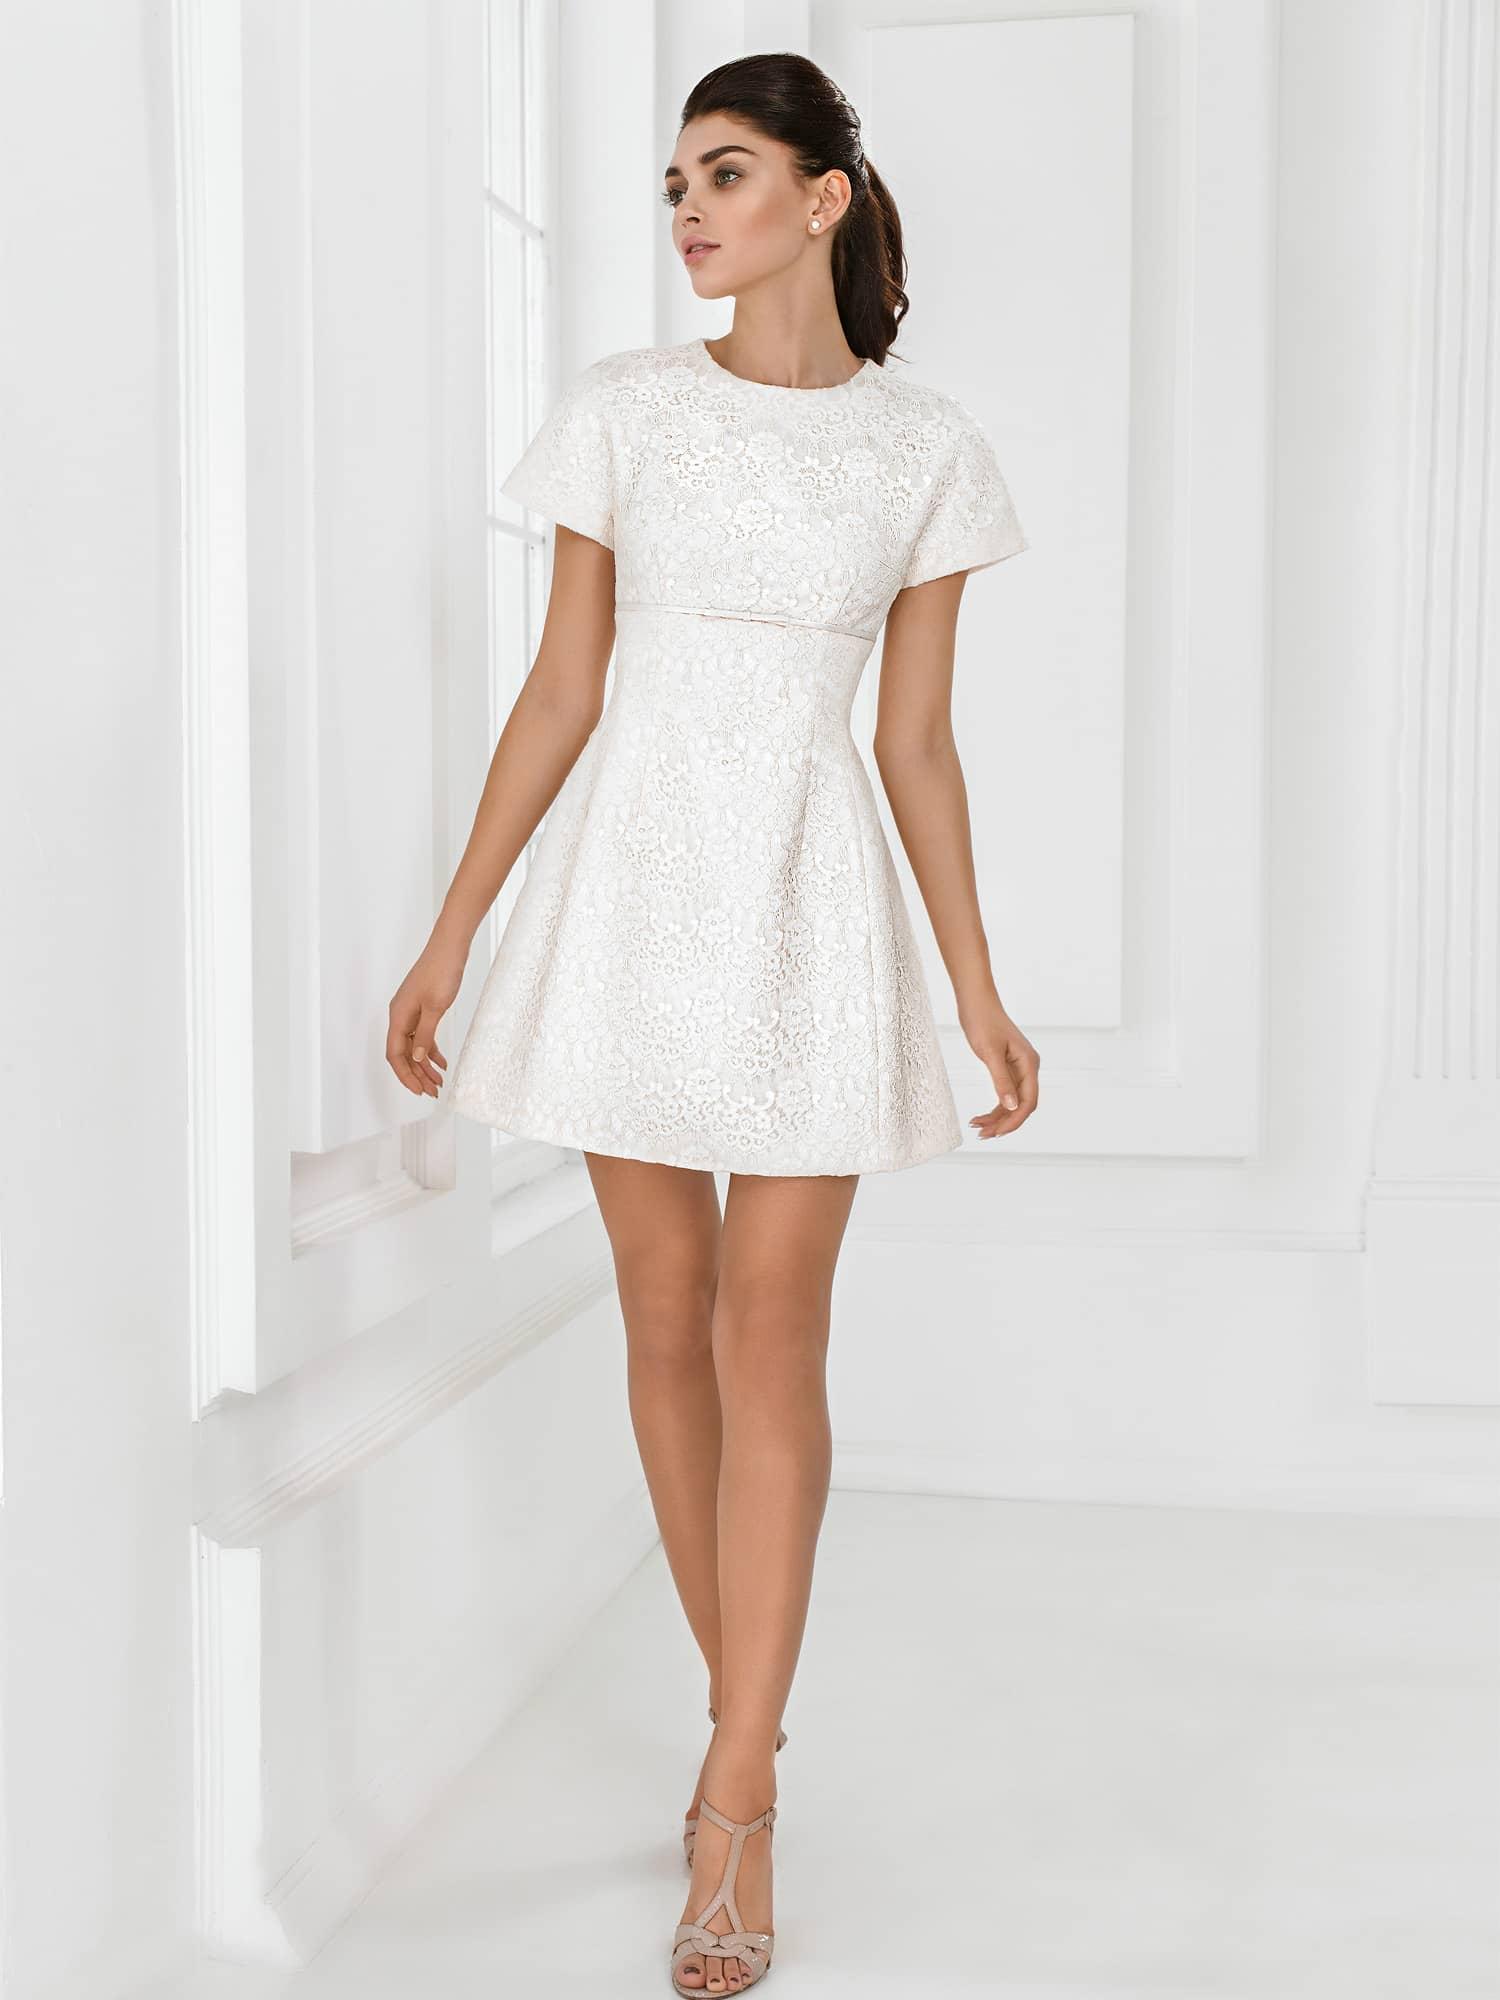 Прическа под короткое платье с рукавами